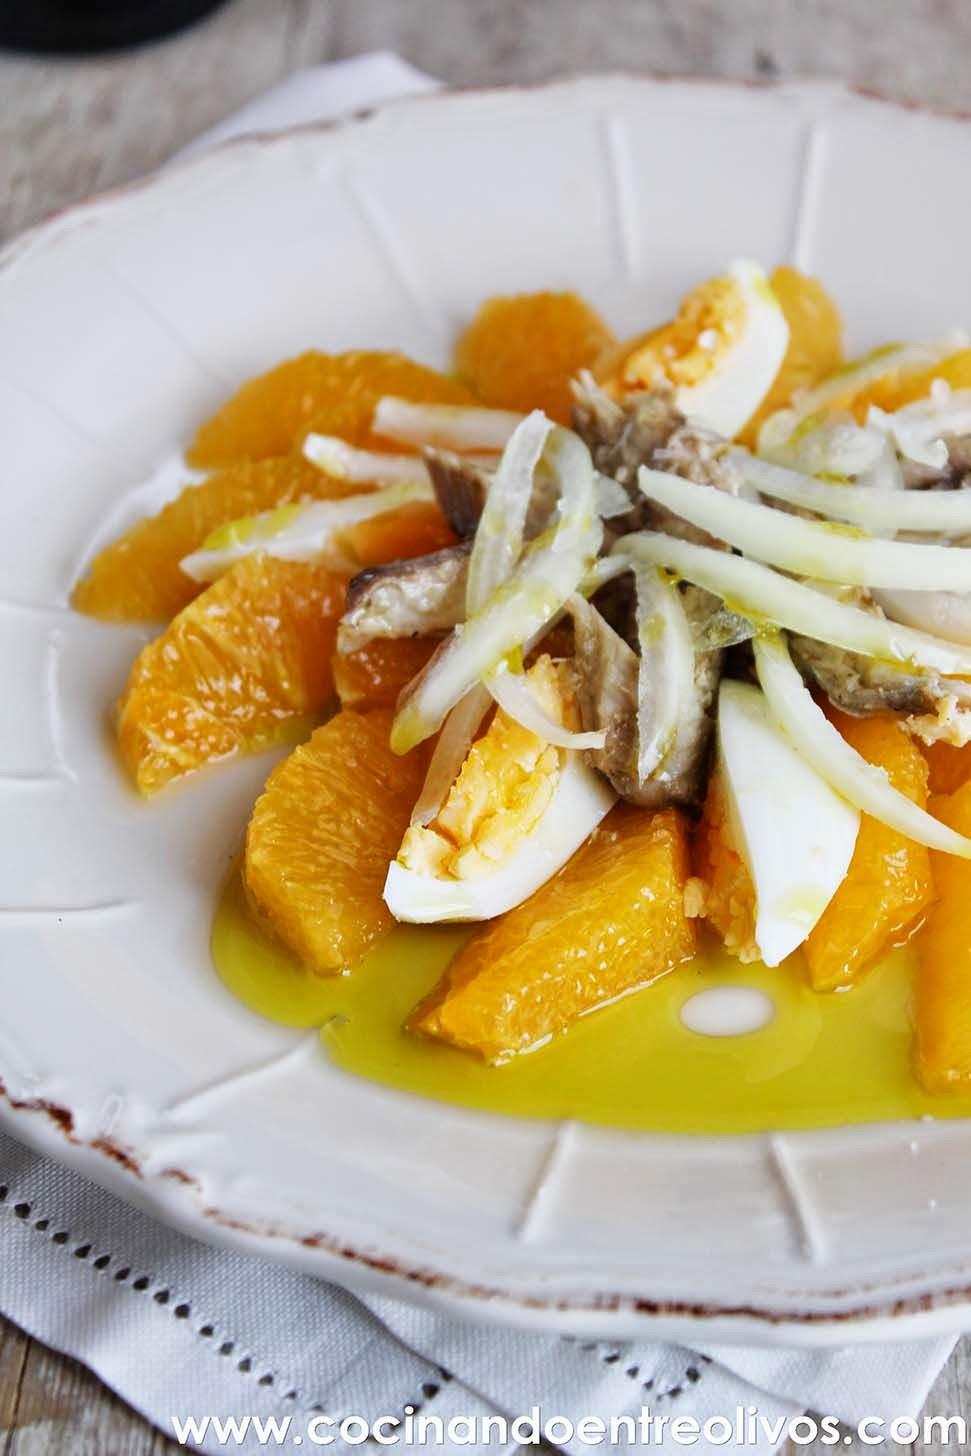 Cocinando entre olivos ensalada de naranja receta paso a for Cocinando entre olivos navidad